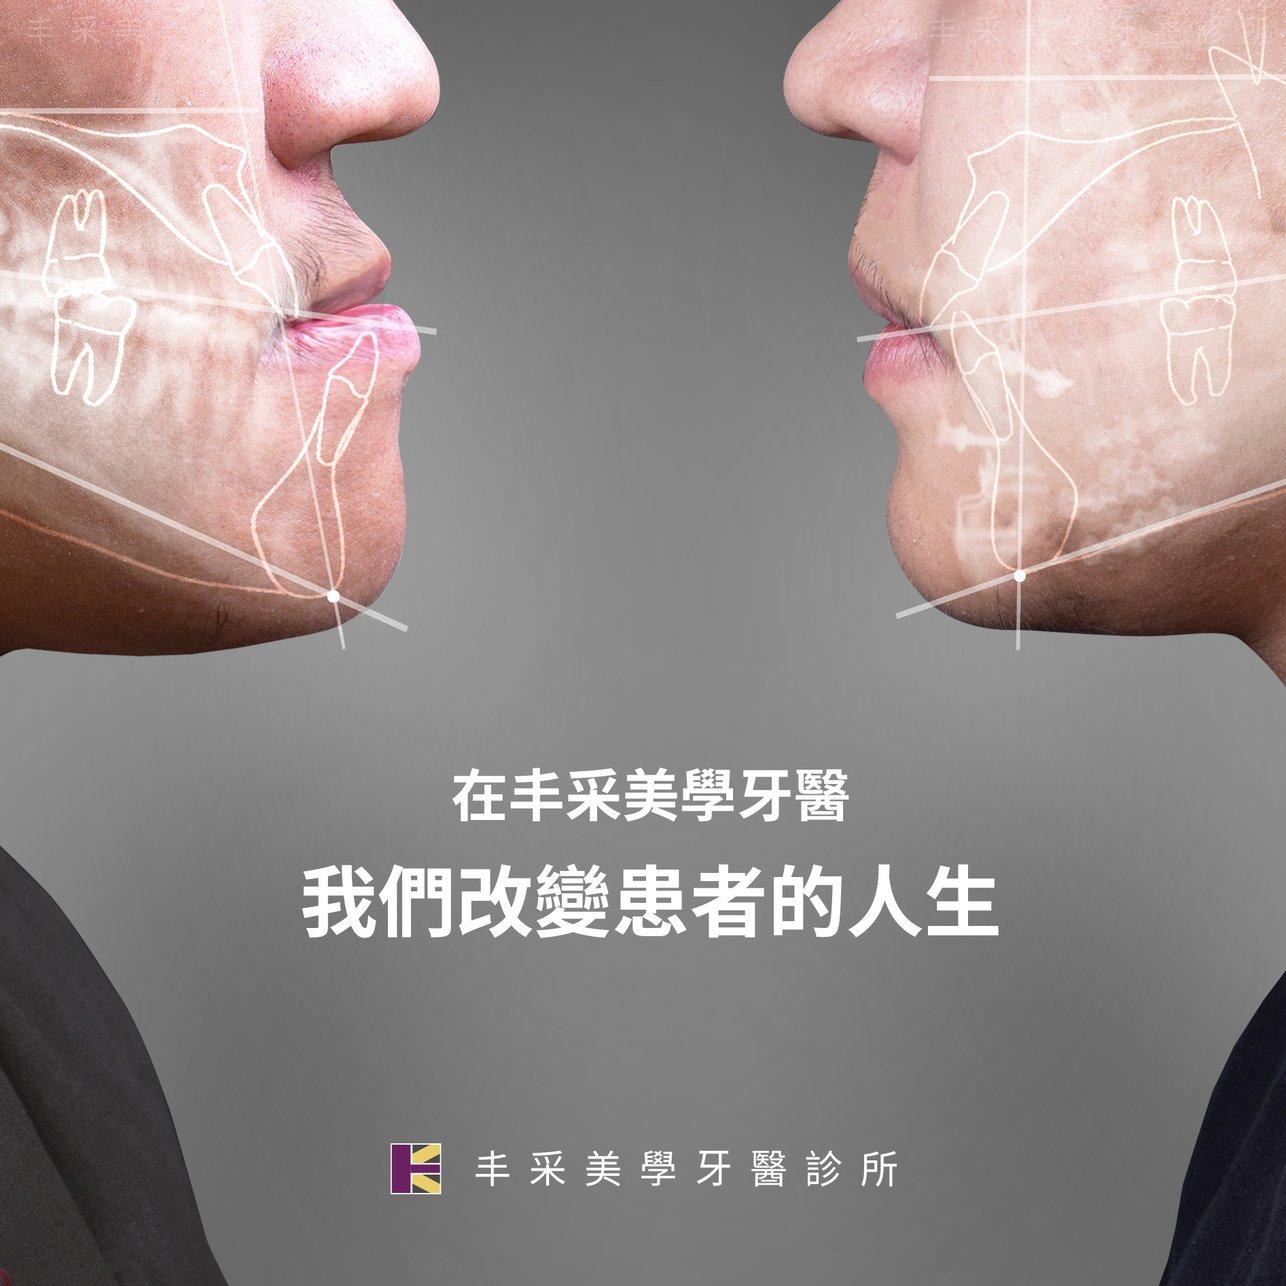 正顎-正方形0212-3